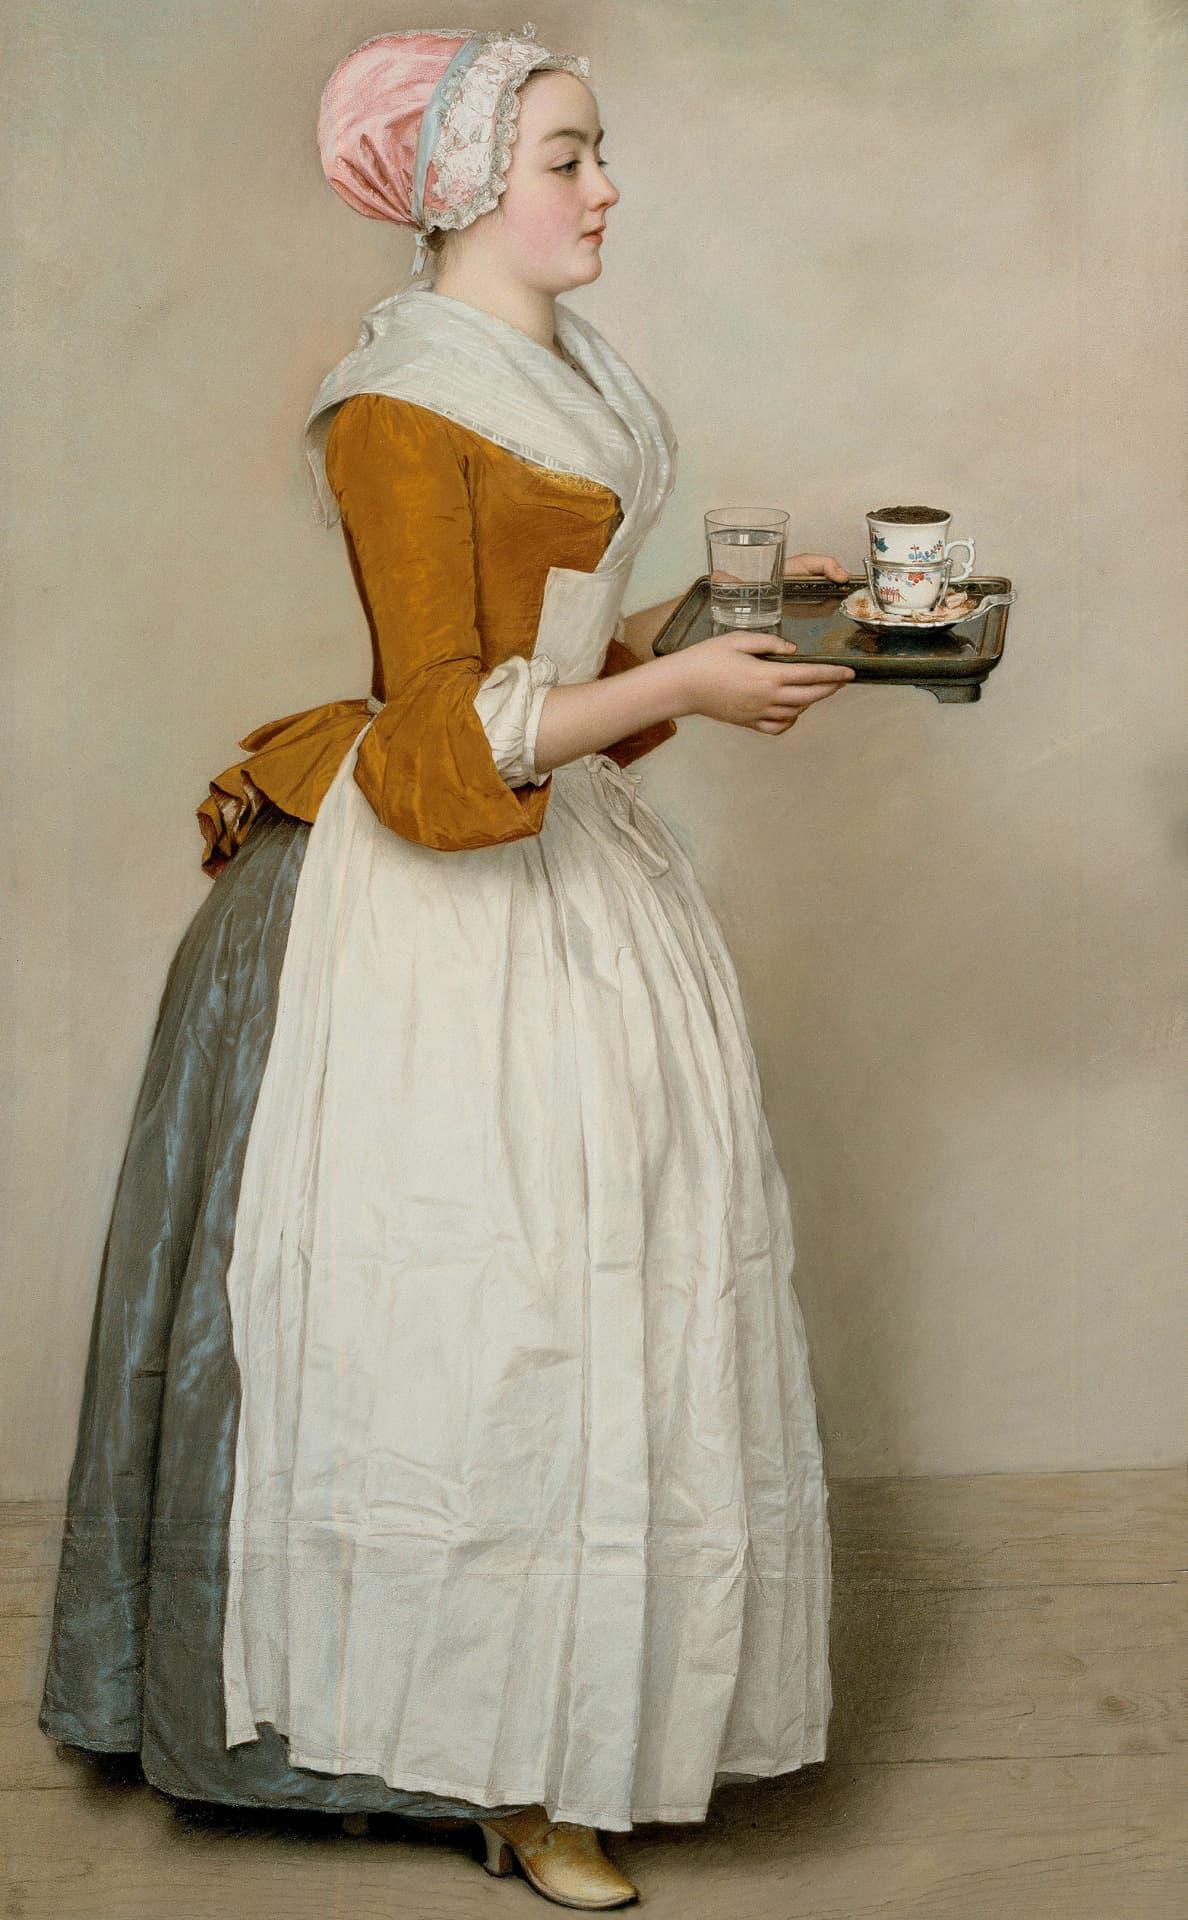 Jean-Etienne Liotard – Das Schokoladenmädchen (1744)